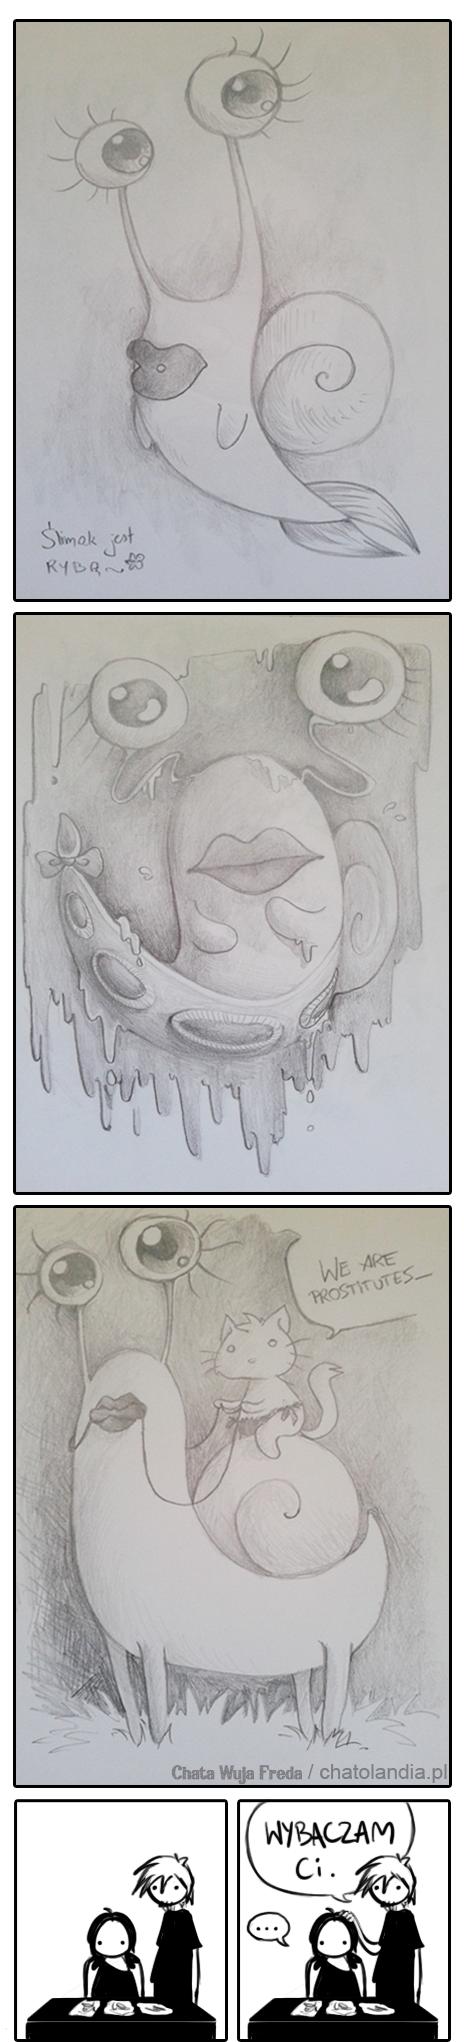 ślimaky